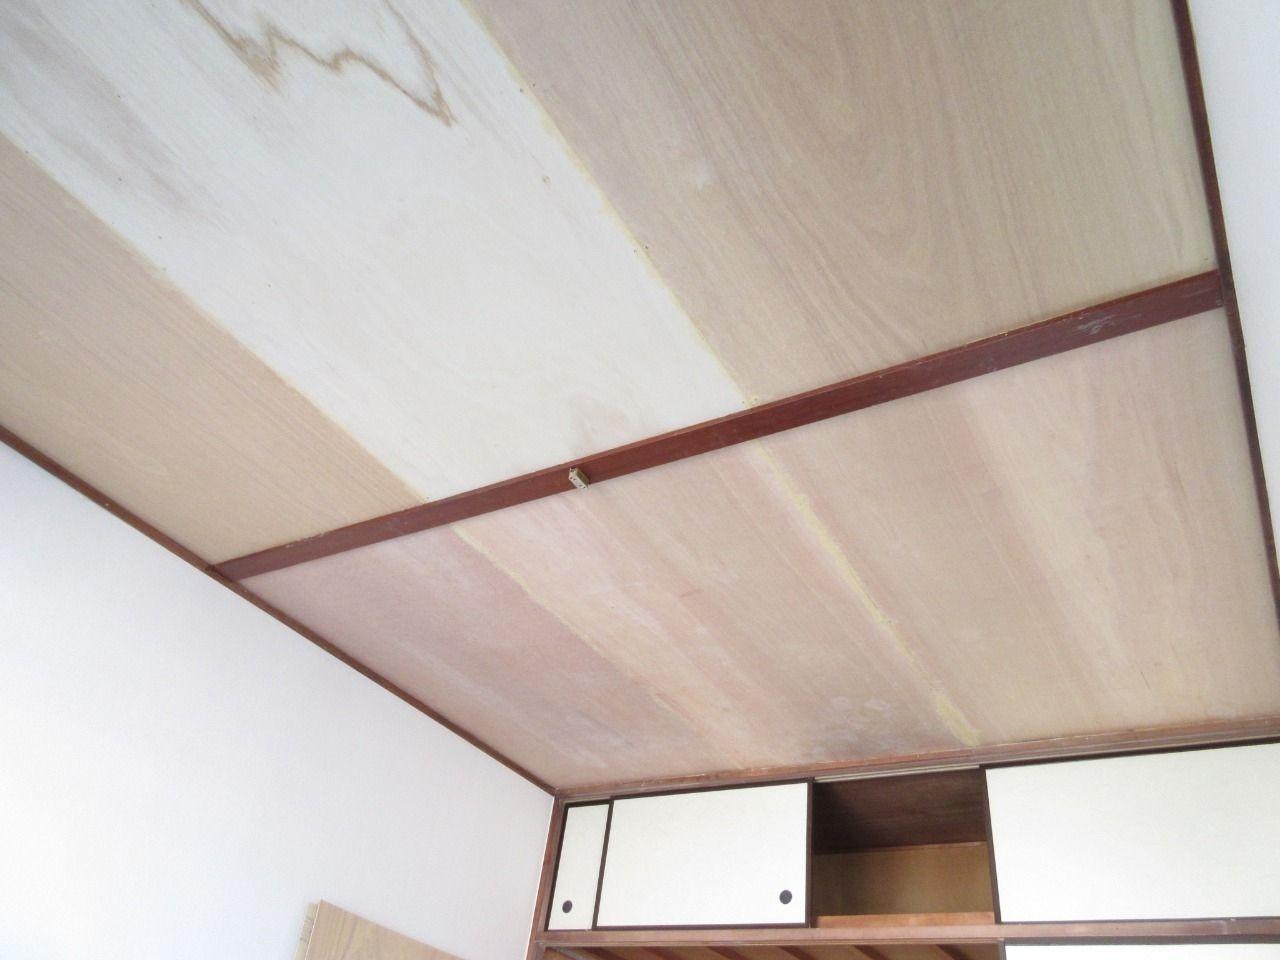 みなさまこんにちは。 かなり大変でしたが、何とか天井の下地が完成しました。 次は、この下地に塗装していきたいと思います。